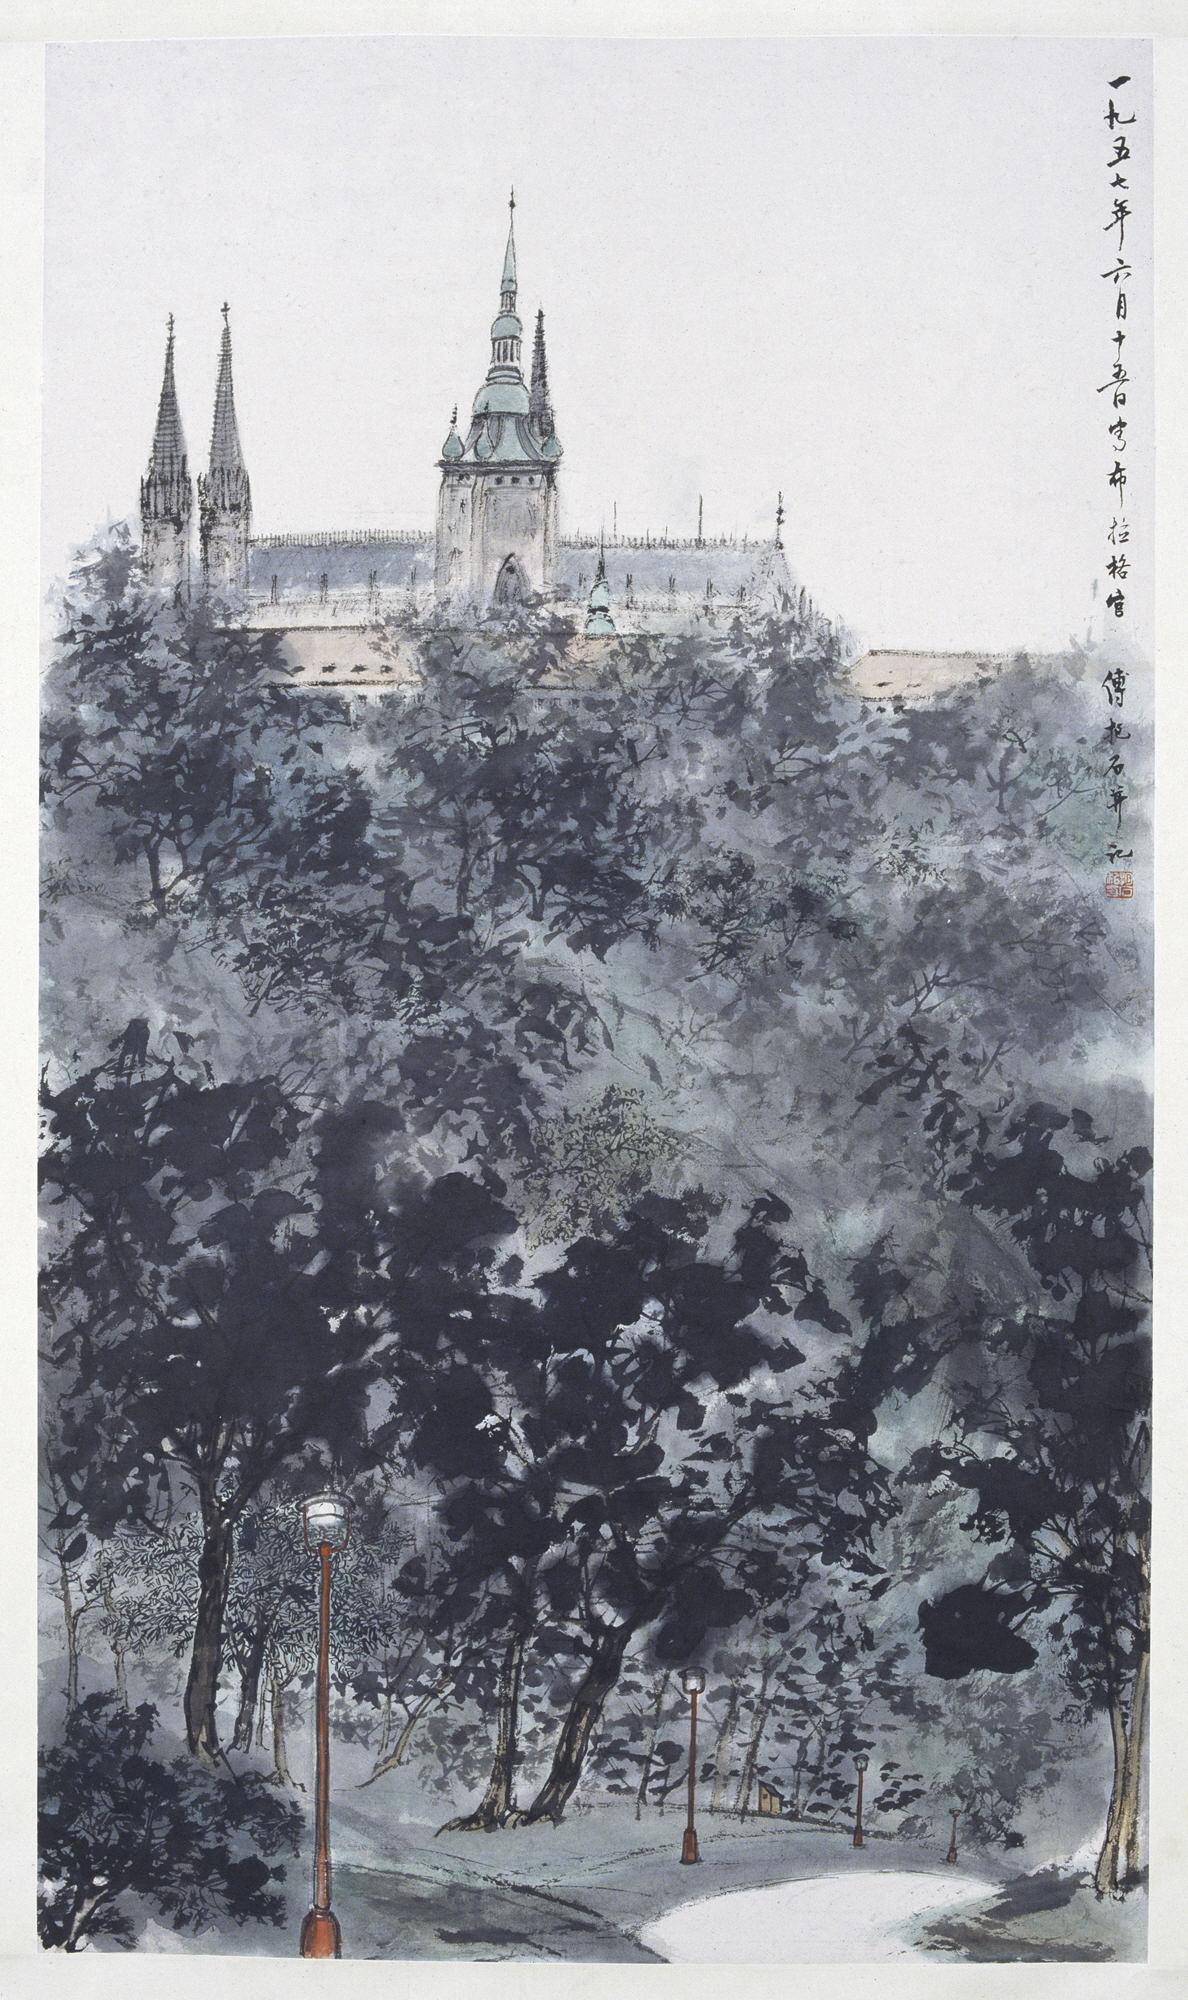 傅抱石 1957年 布拉格城堡